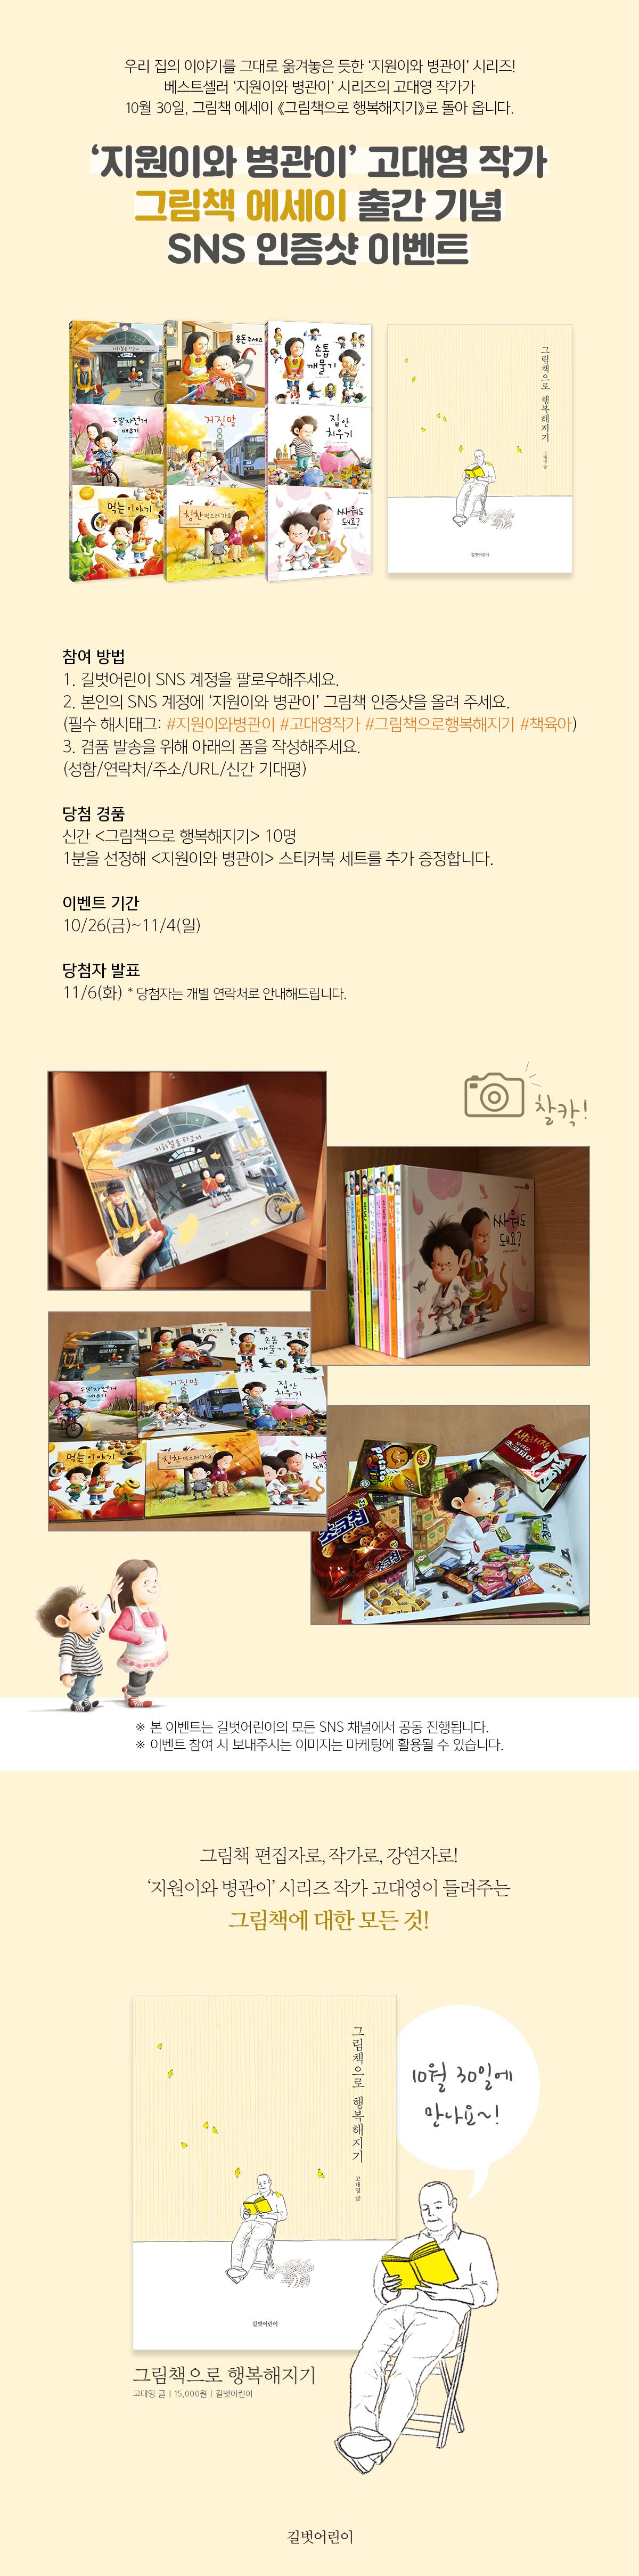 고대영 작가 그림책 에세이 출간 기념 '지원이와 병관이' 그림책 SNS 인증샷 이벤트